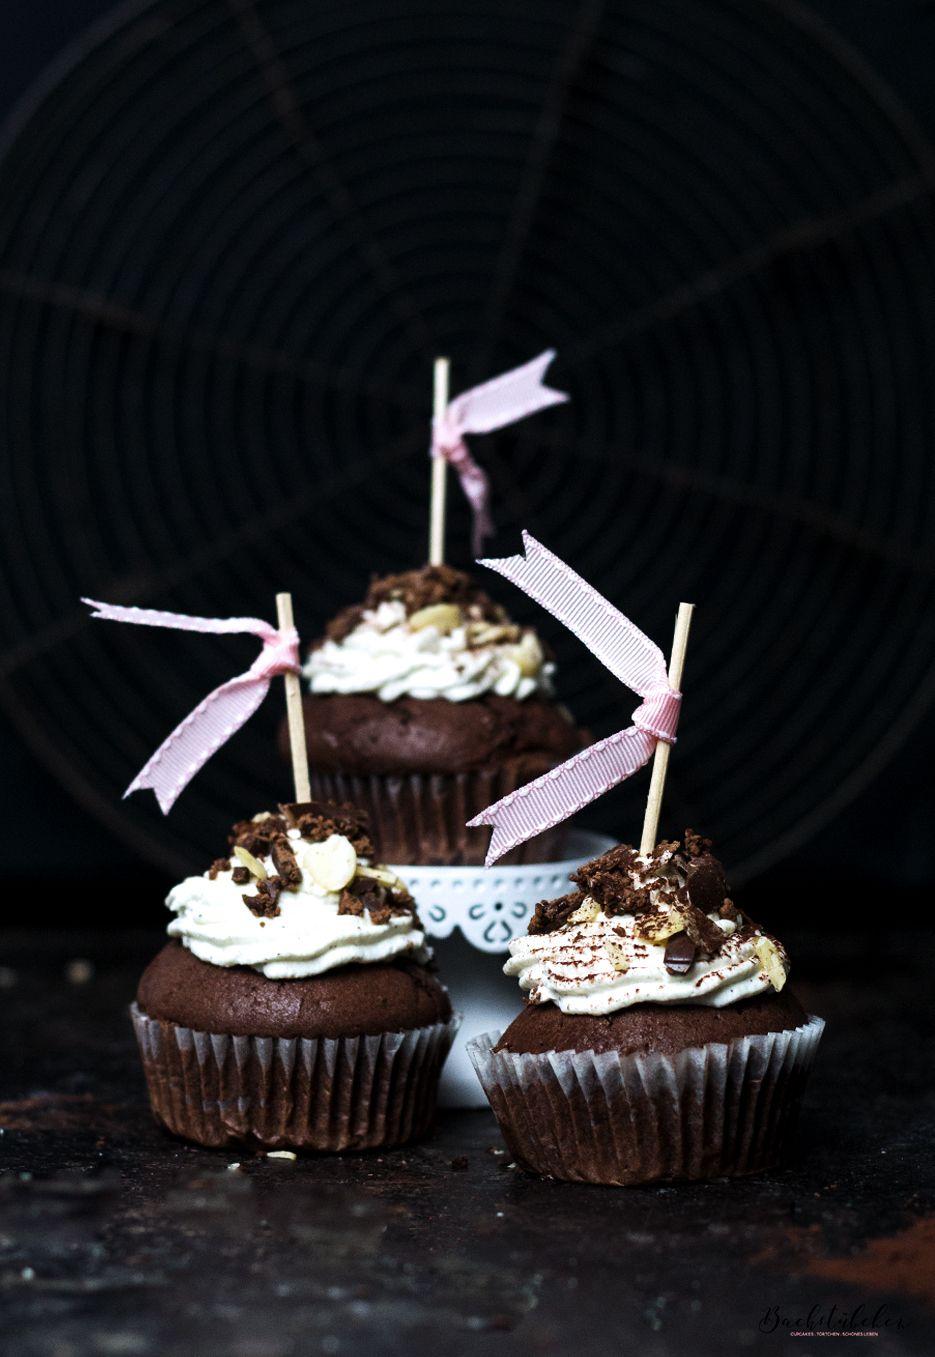 chocoholic cupcakes mit pralinen f llung und sahne topping hallo ihr s en kalorien kommt zu. Black Bedroom Furniture Sets. Home Design Ideas